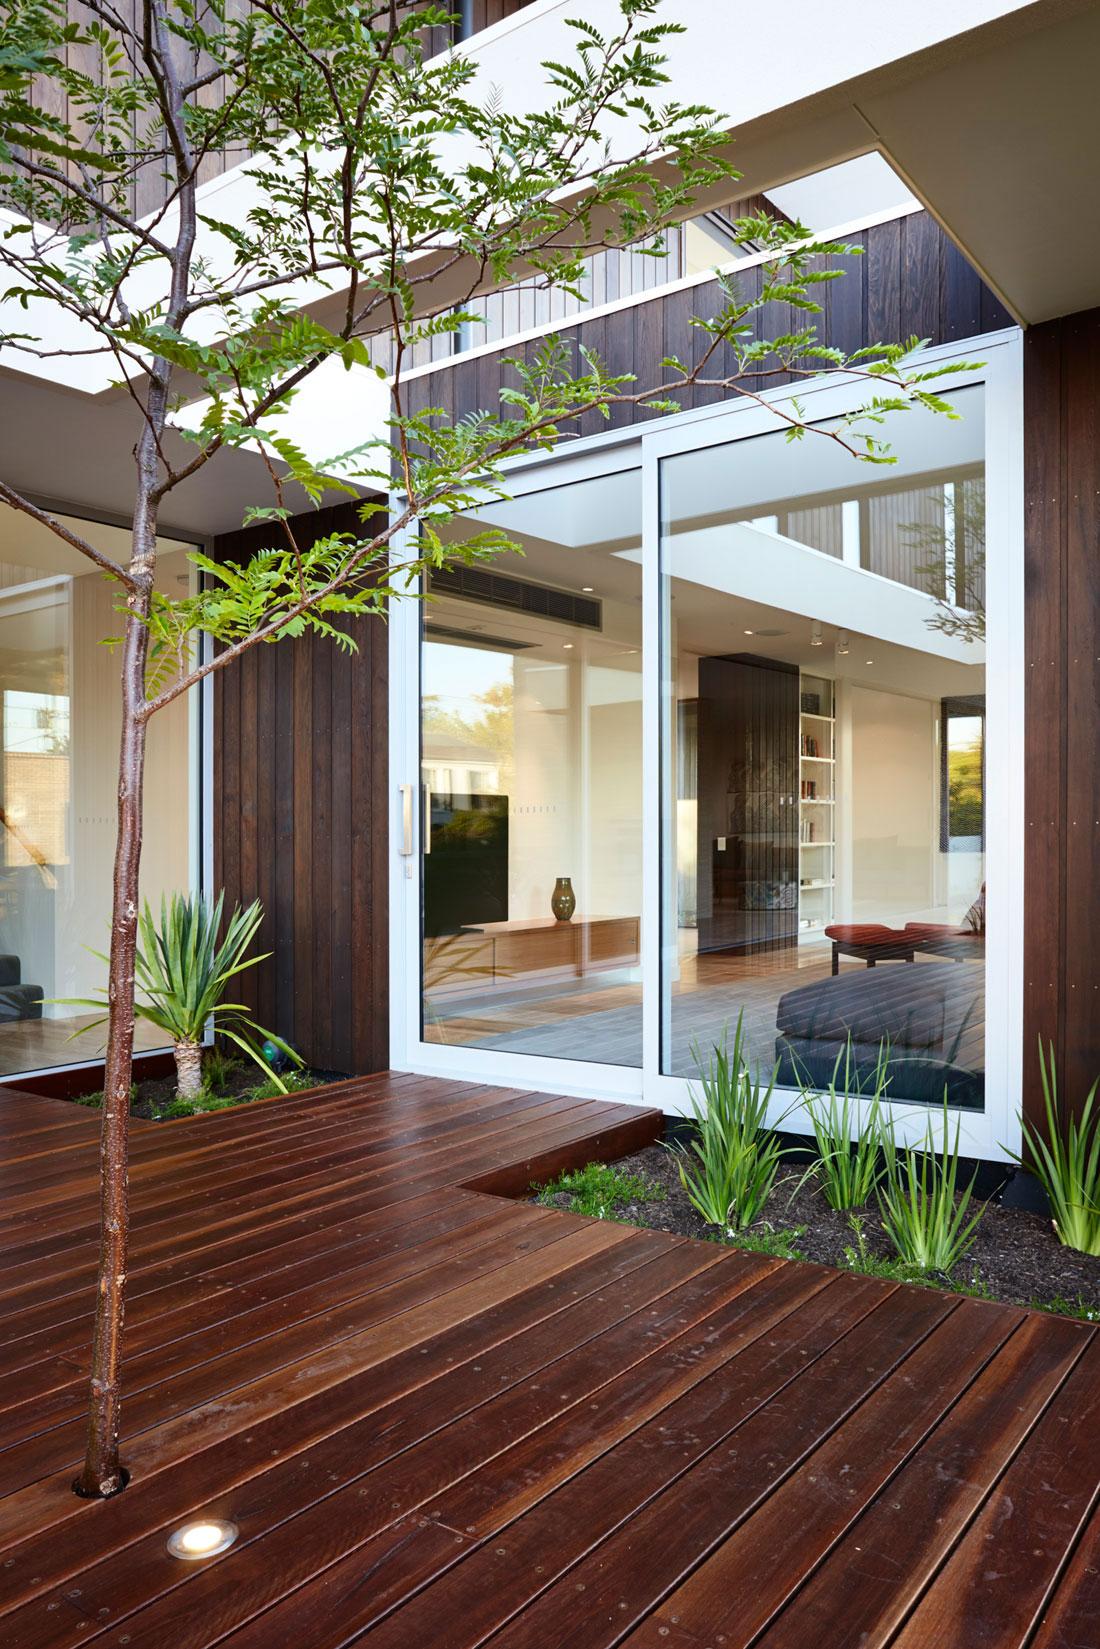 Modernt hus som är vackert-2 Modernt hus som är vackert både ute och inne